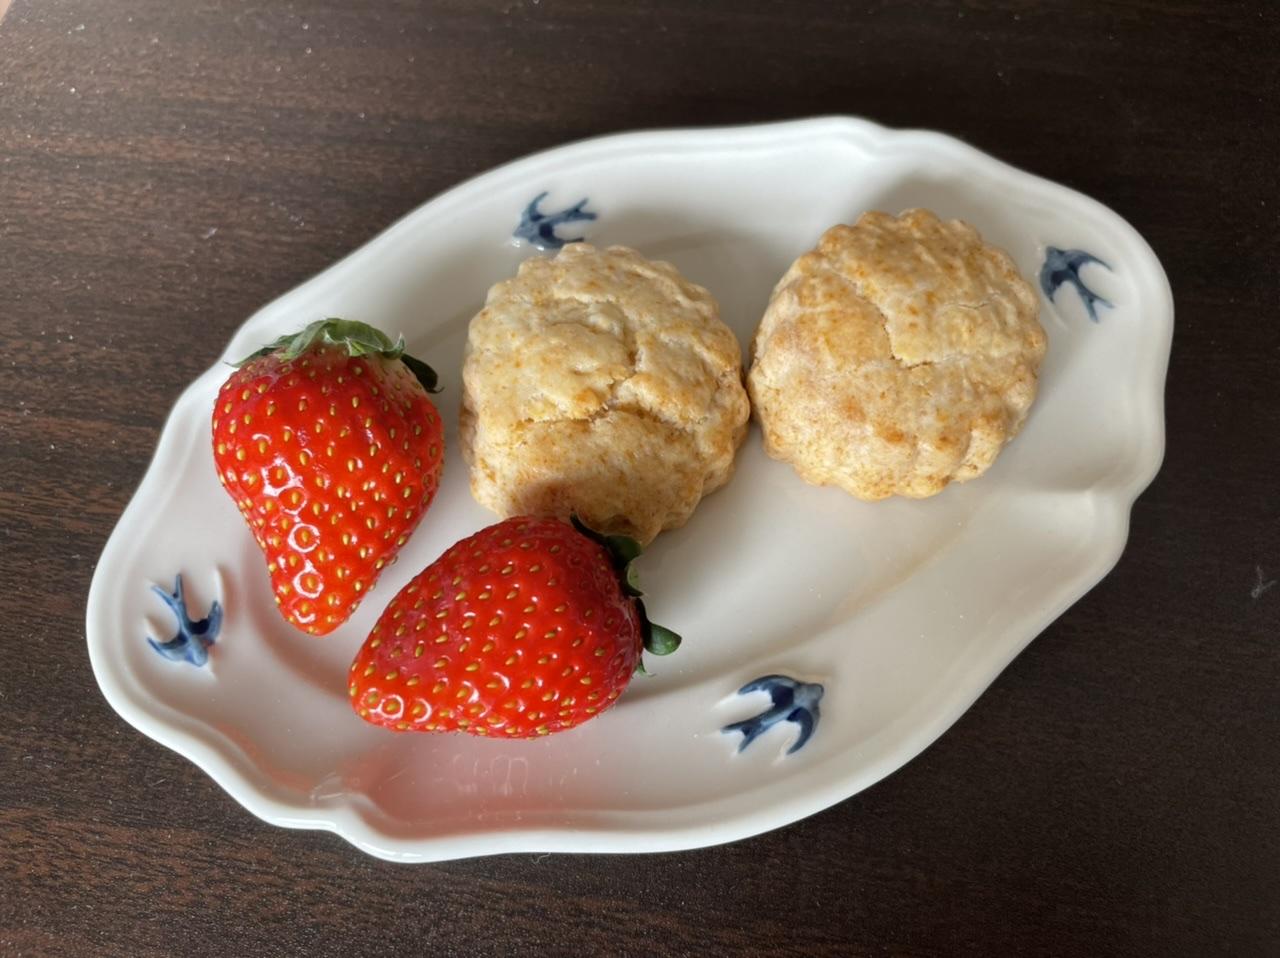 【おすすめいちごスイーツ】春を待つ《parfait bar agari》さんの「harumachi 苺とネーブルのパフェ」_5